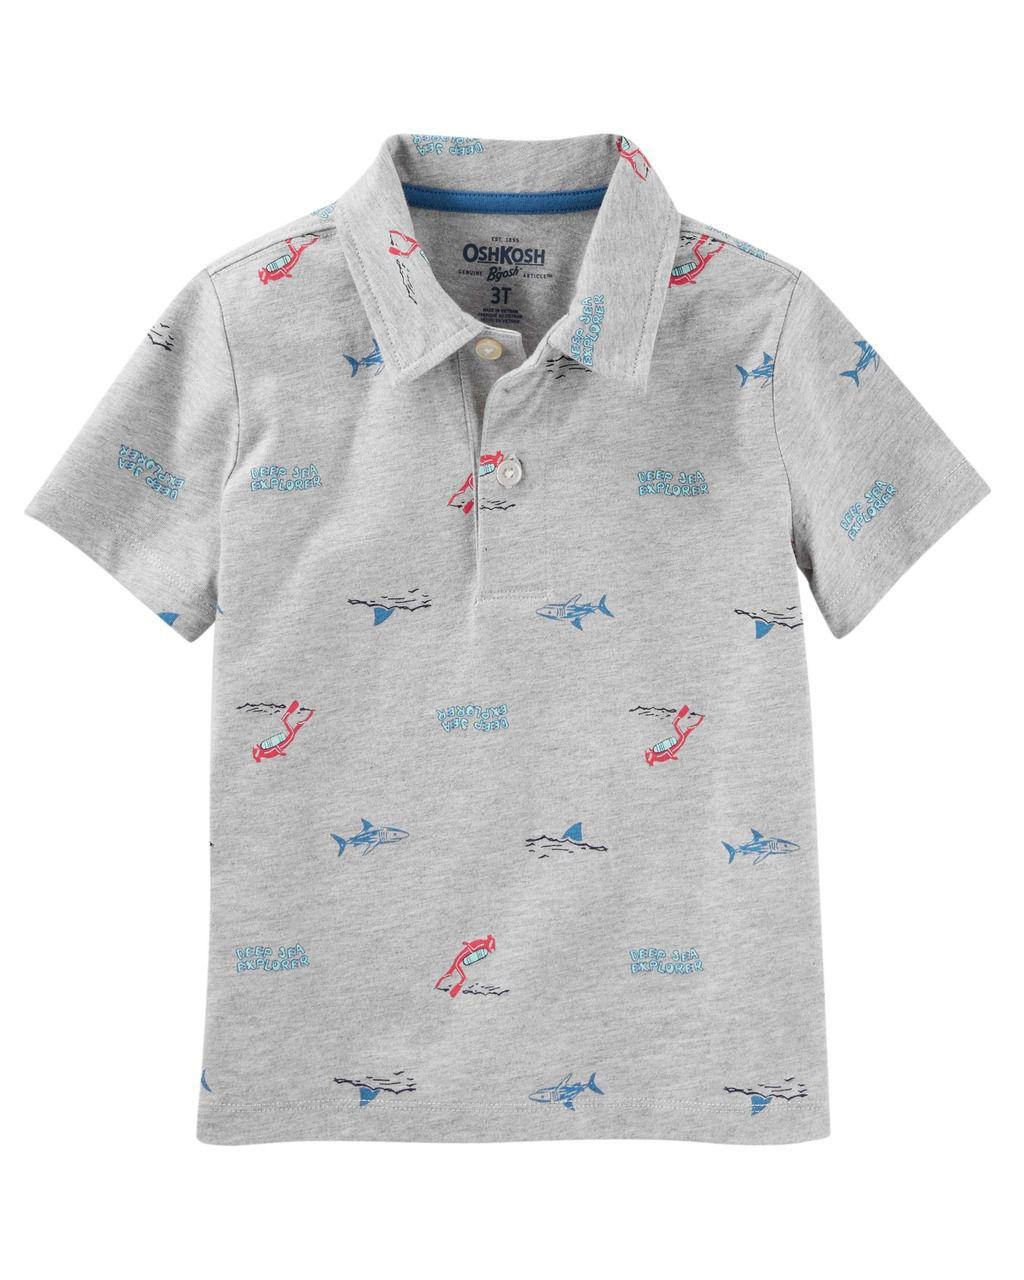 Camiseta Polo Scuba Diver Oshkosh